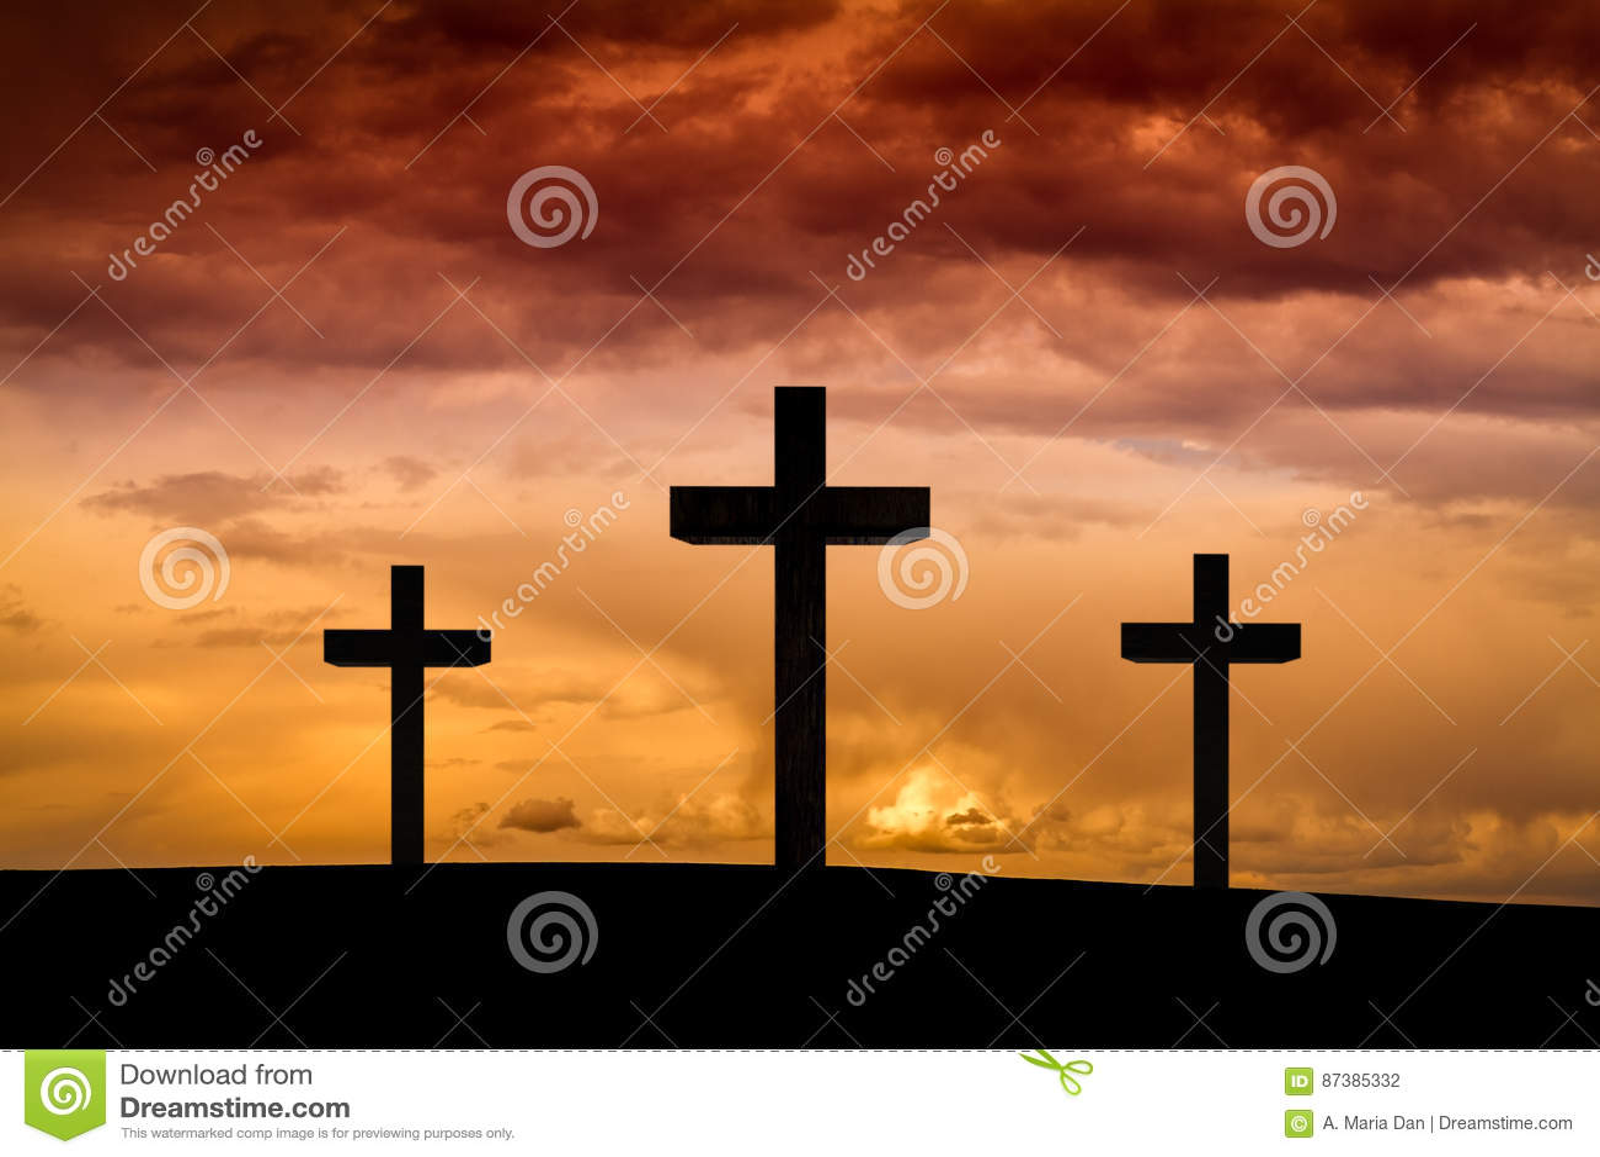 Cruz de Jesus Christ em um céu vermelho, alaranjado com nuvens dramáticas, por do sol escuro